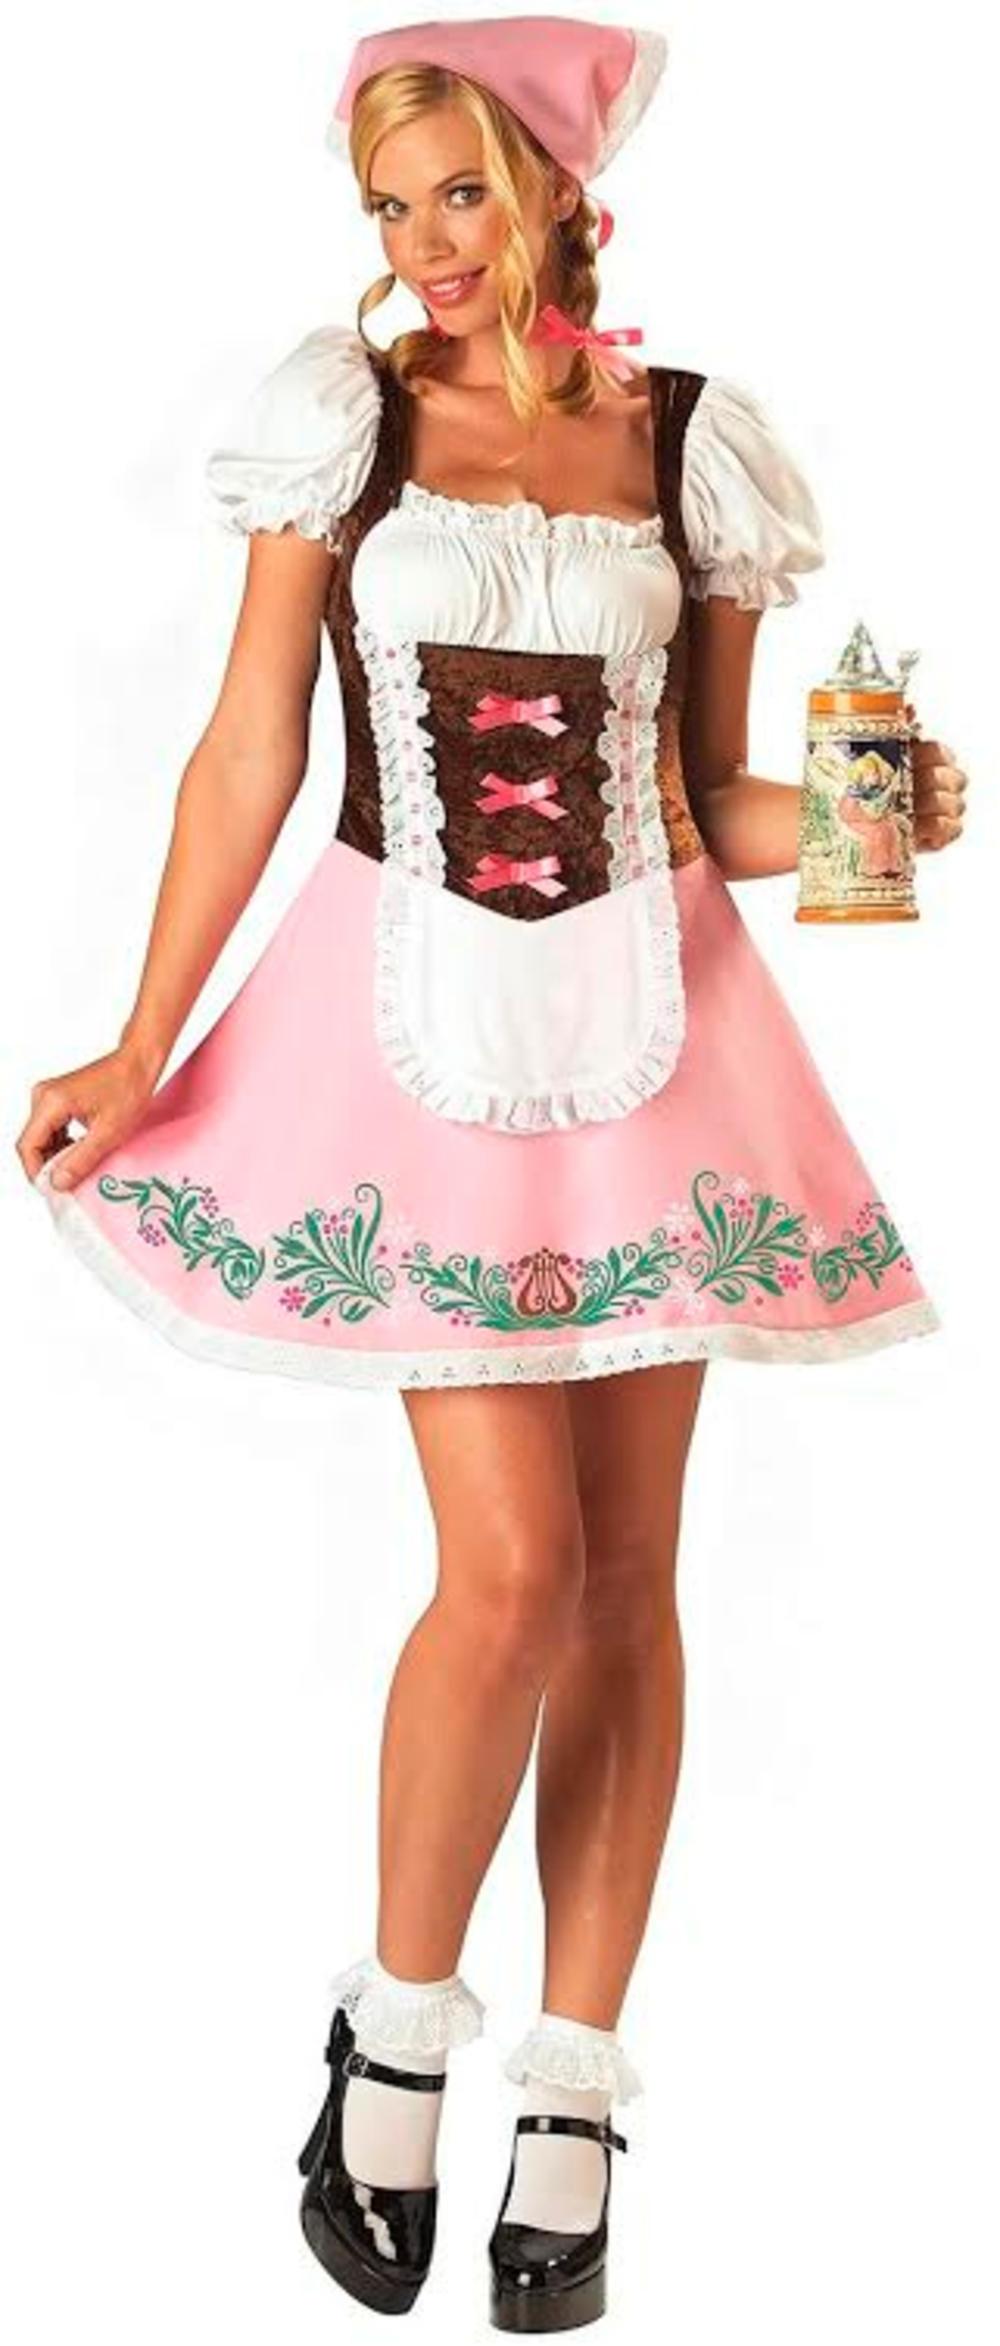 Fetching Fraulein Ladies Fancy Dress German Beer Maid Adults Oktoberfest Costume